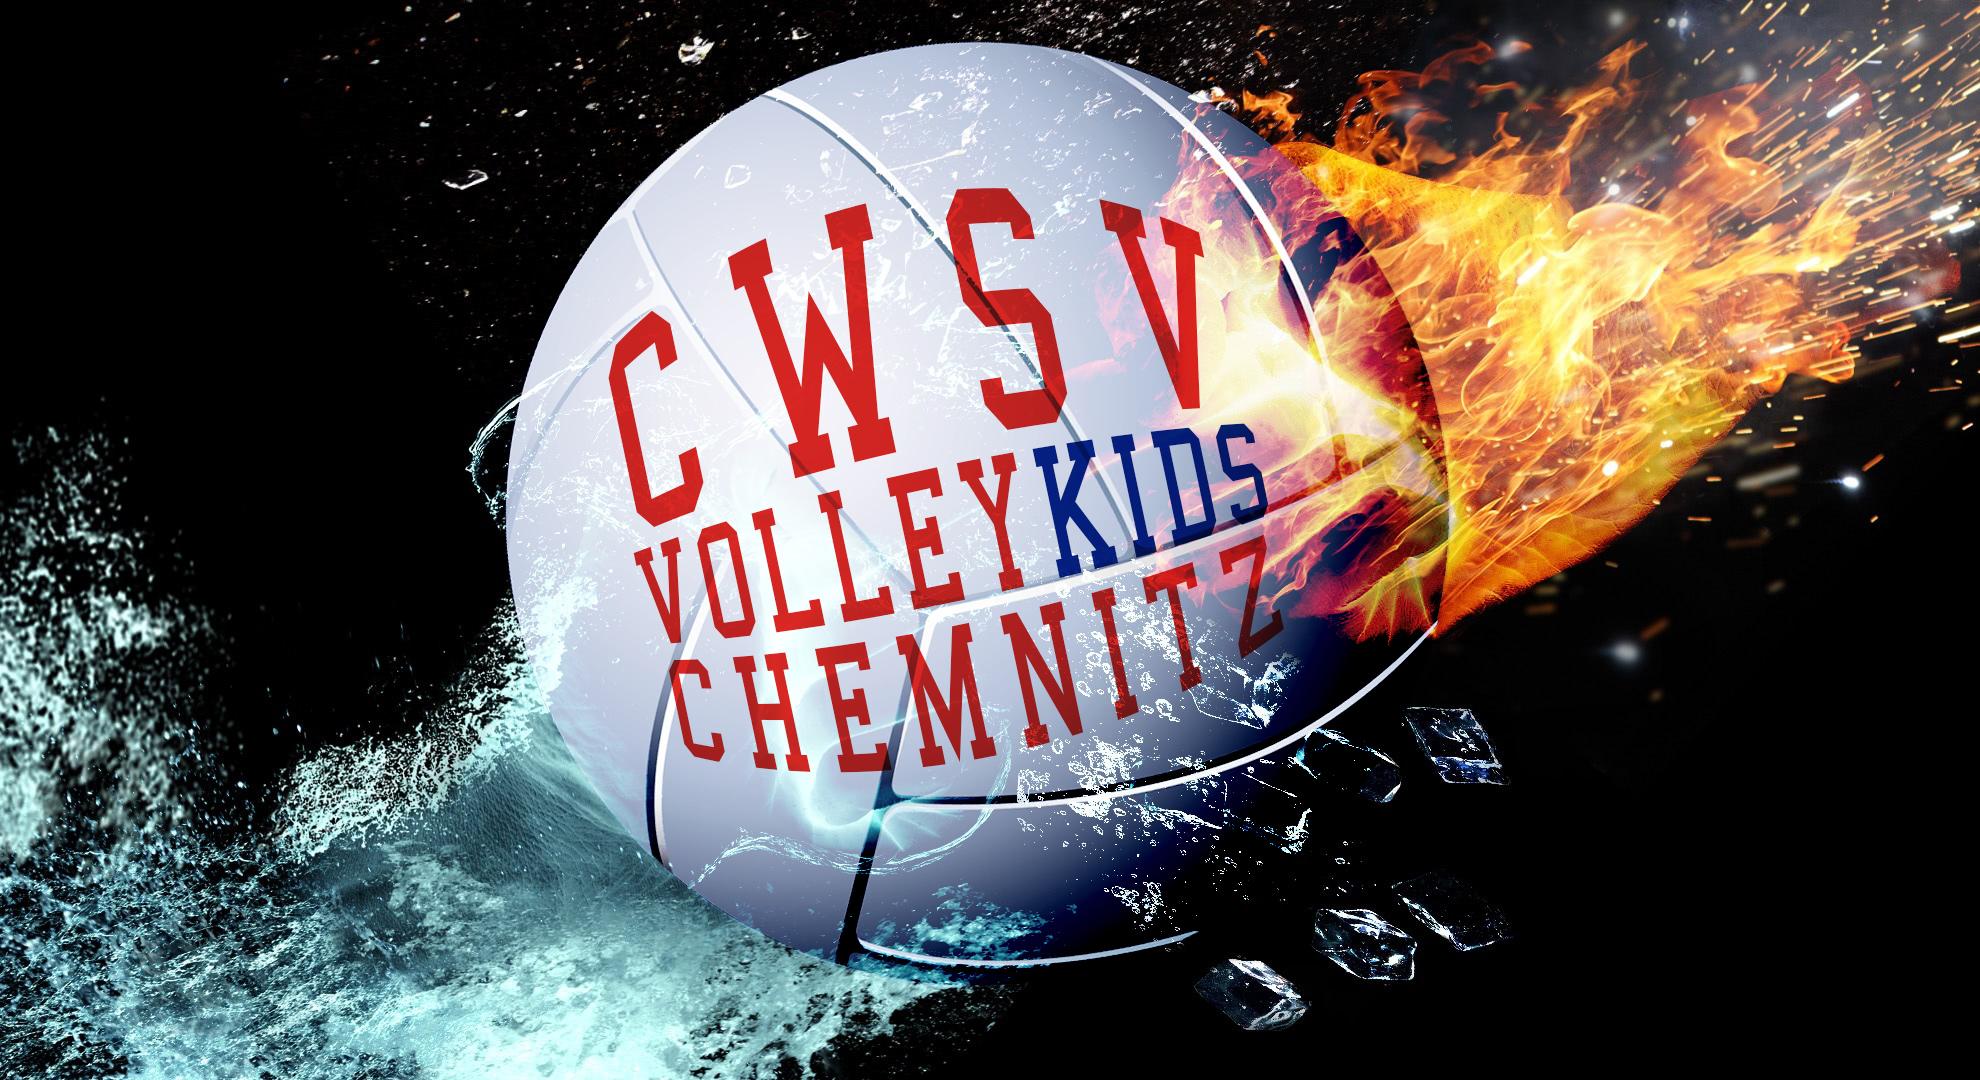 Volleyball für Kinder und Jugend in Chemnitz